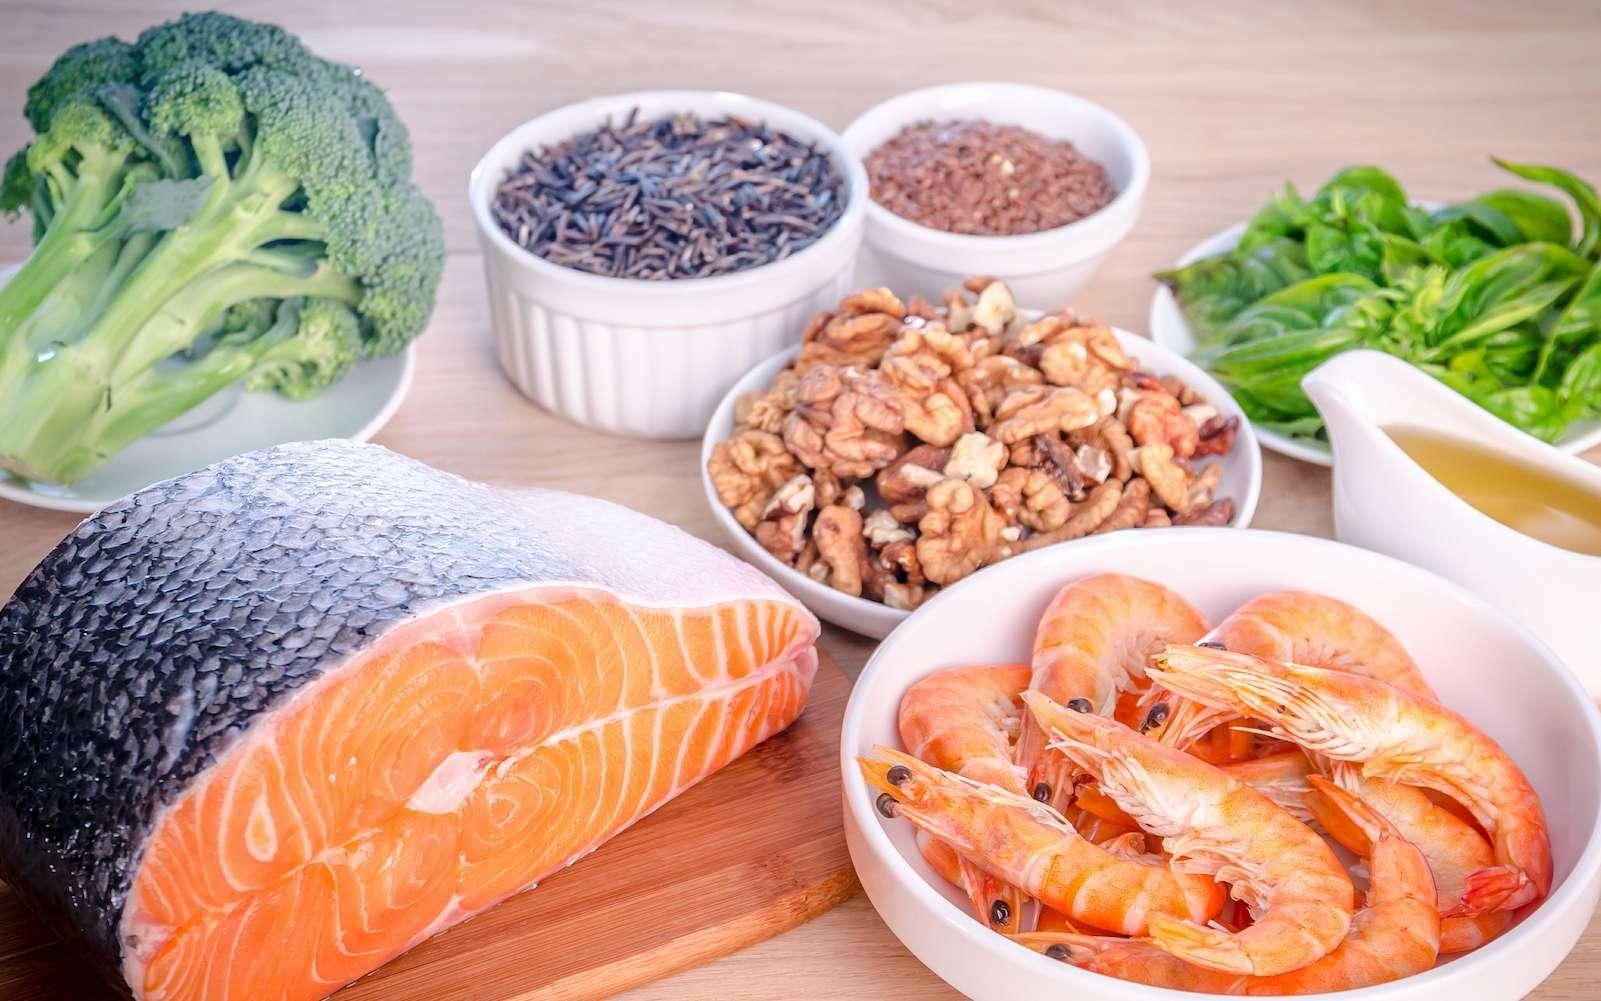 Une sélection d'ingrédients riches en oméga-3. Ces acides gras sont notamment présents dans les poissons des mers froides et dans les huiles de colza ou de noix. © alexpro9500, Shutterstock